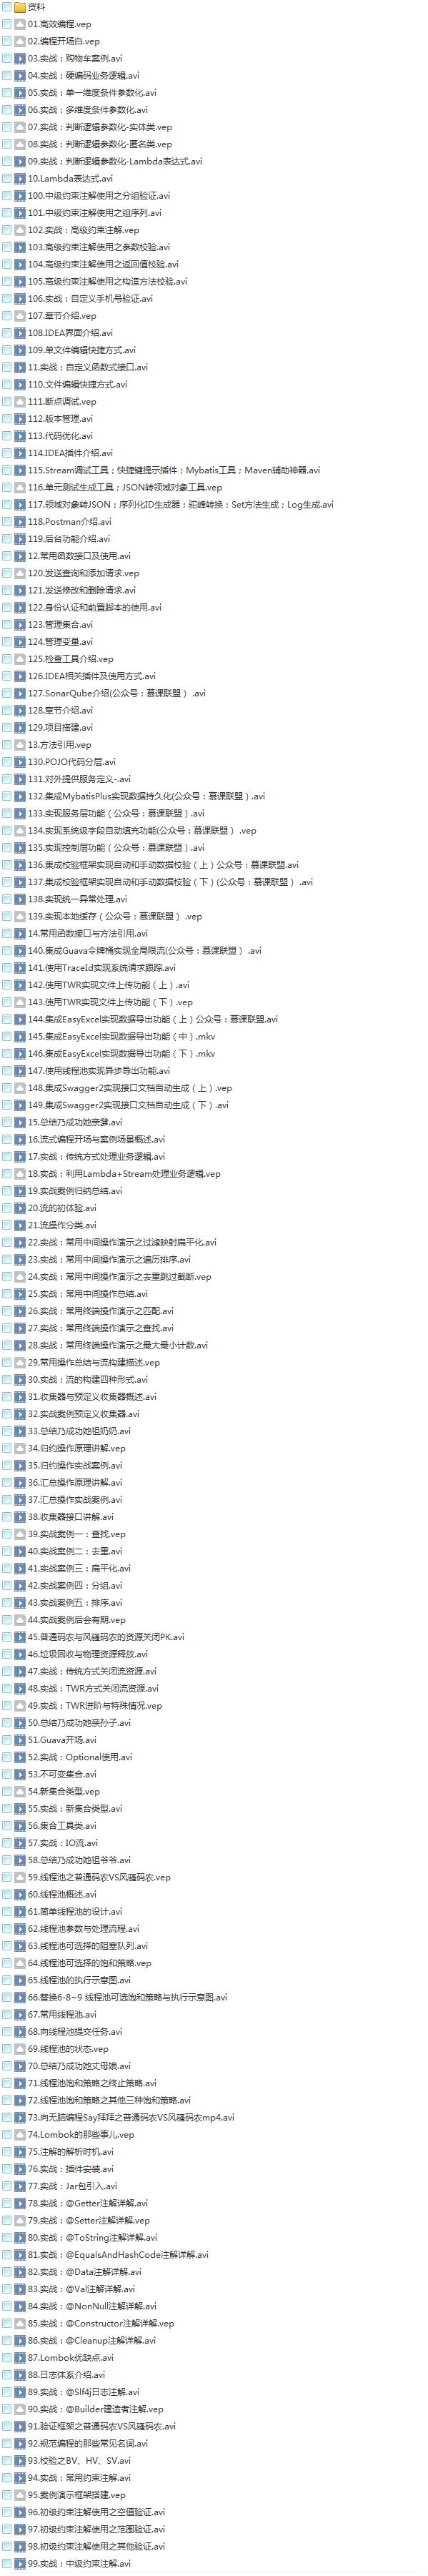 33套Java基础到大牛高薪视频教程,零到架构,Java精讲,框架精讲,高薪进阶,高效编程,全栈Java调优,网络编程,权限框架,微服务,多线程,支付项目实战,OA工作流,日志框架,大厂面试,大型项目实战系列教程插图(19)